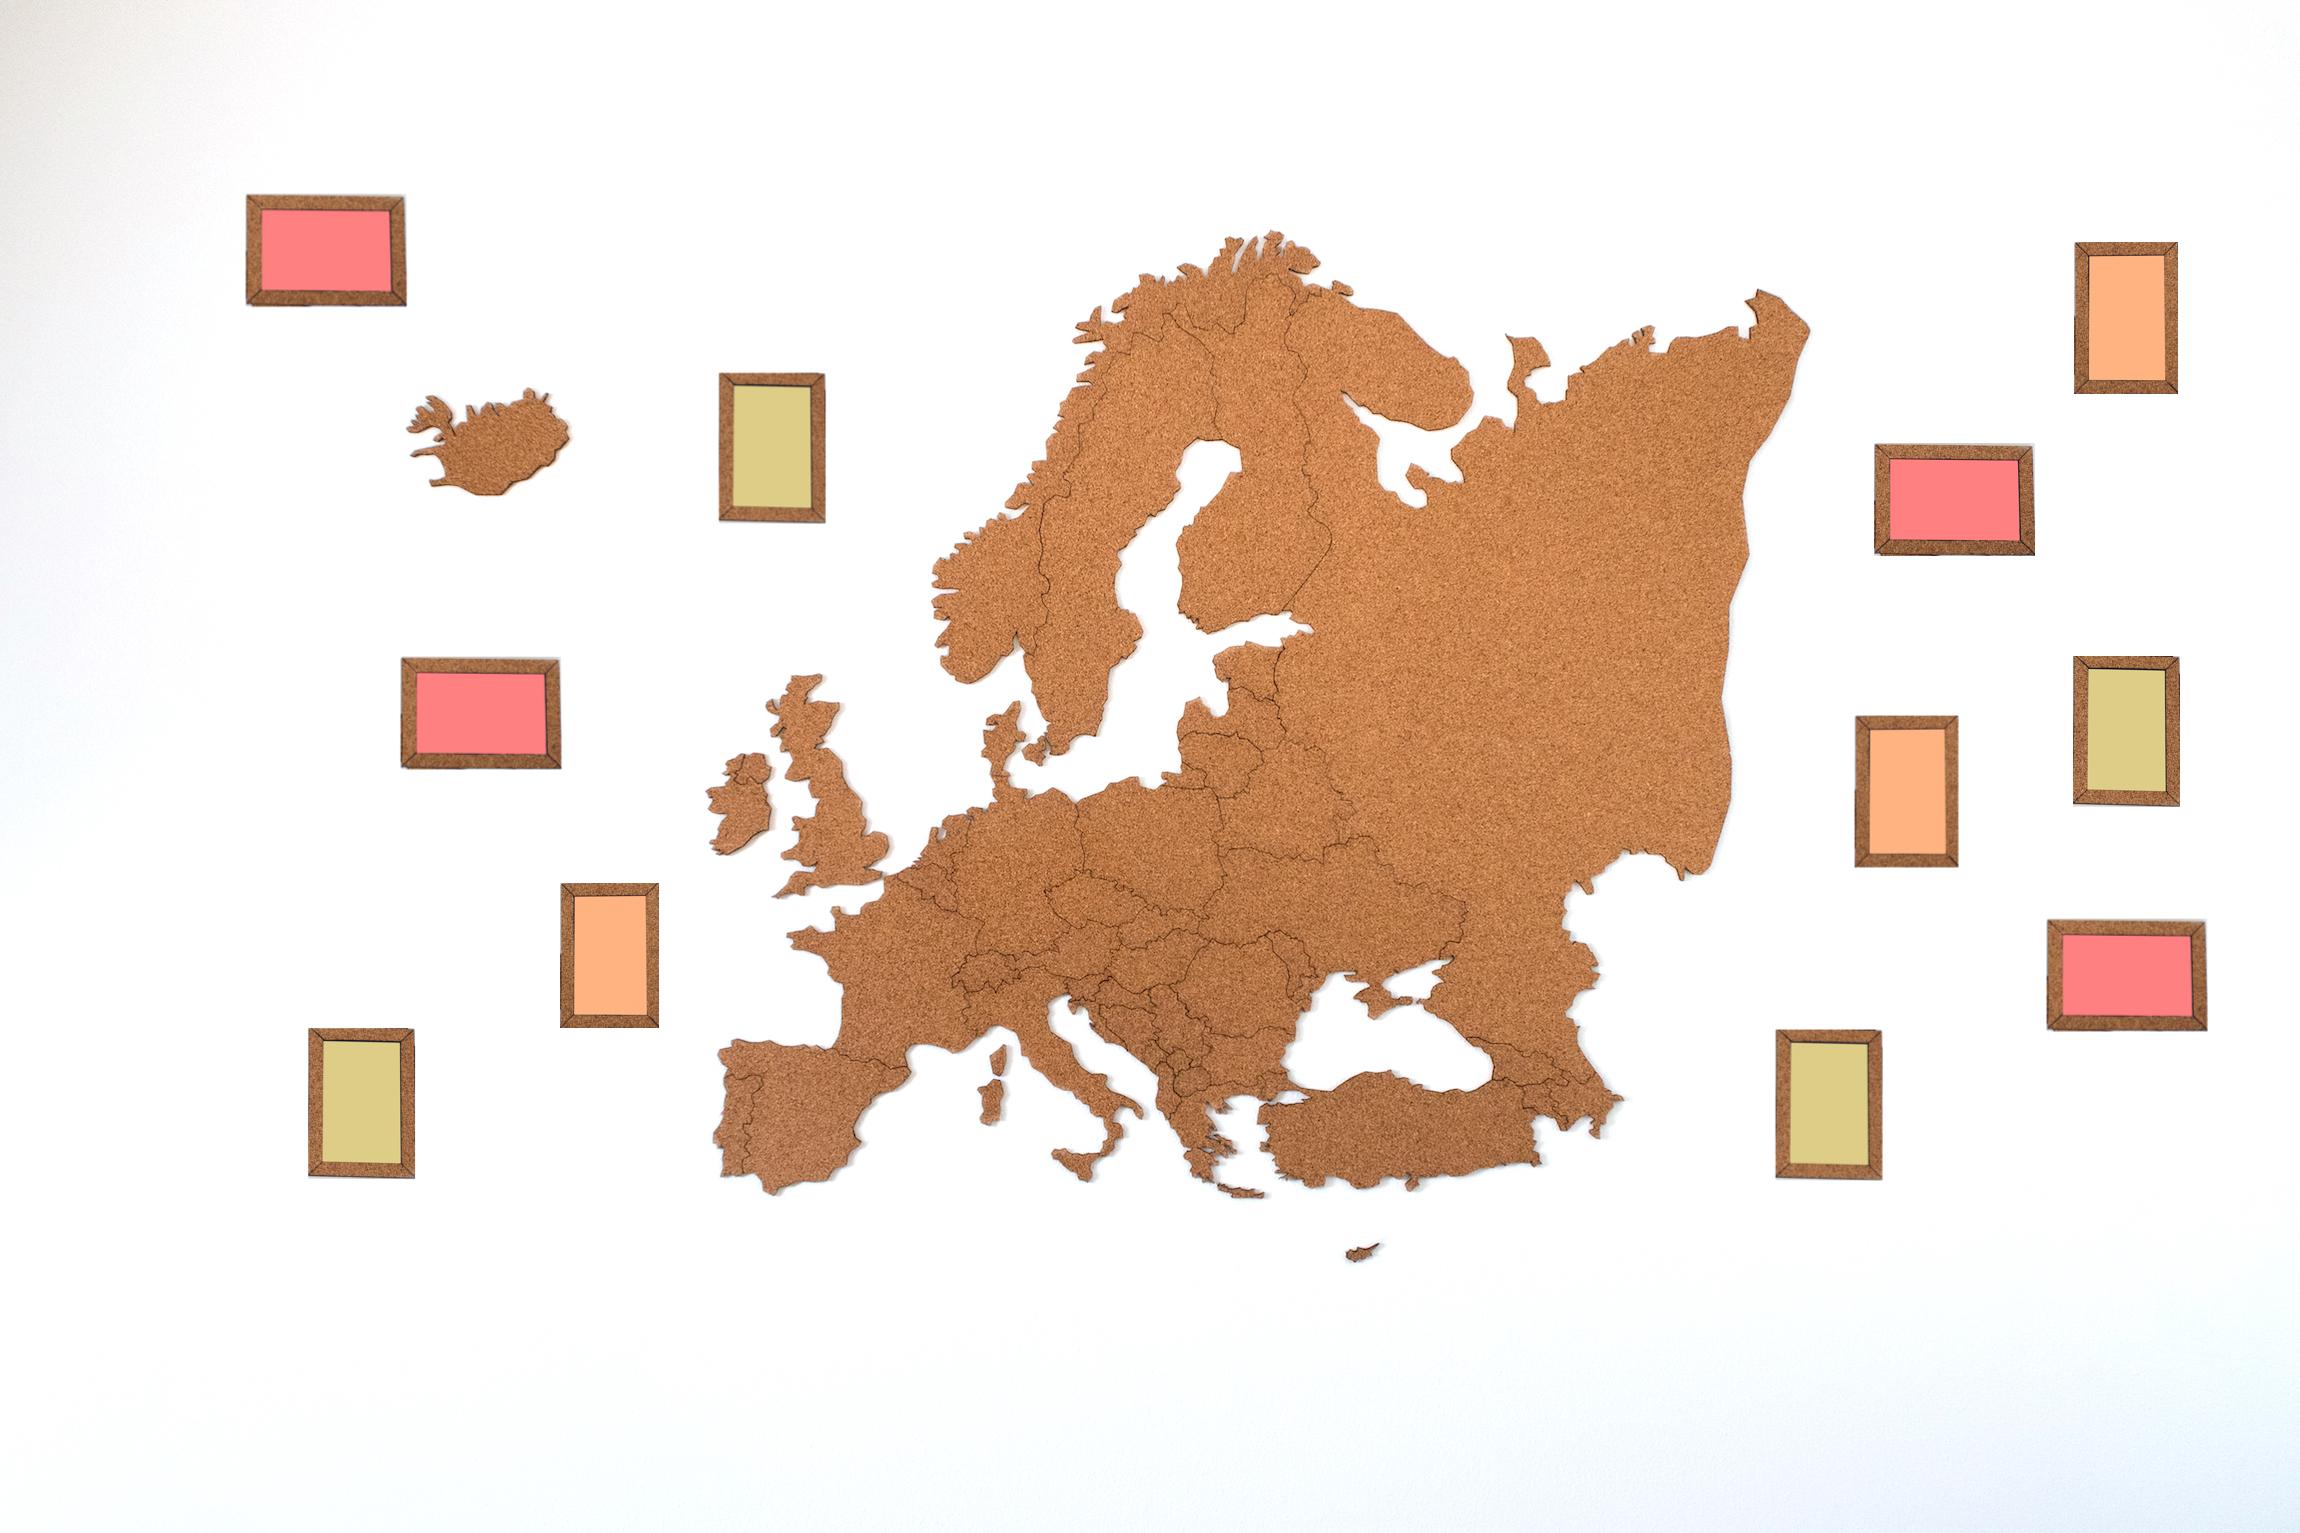 Samolepicí korková mapa Evropy Doplňky: Mapa Evropy s 30ks korkových fotorámečků